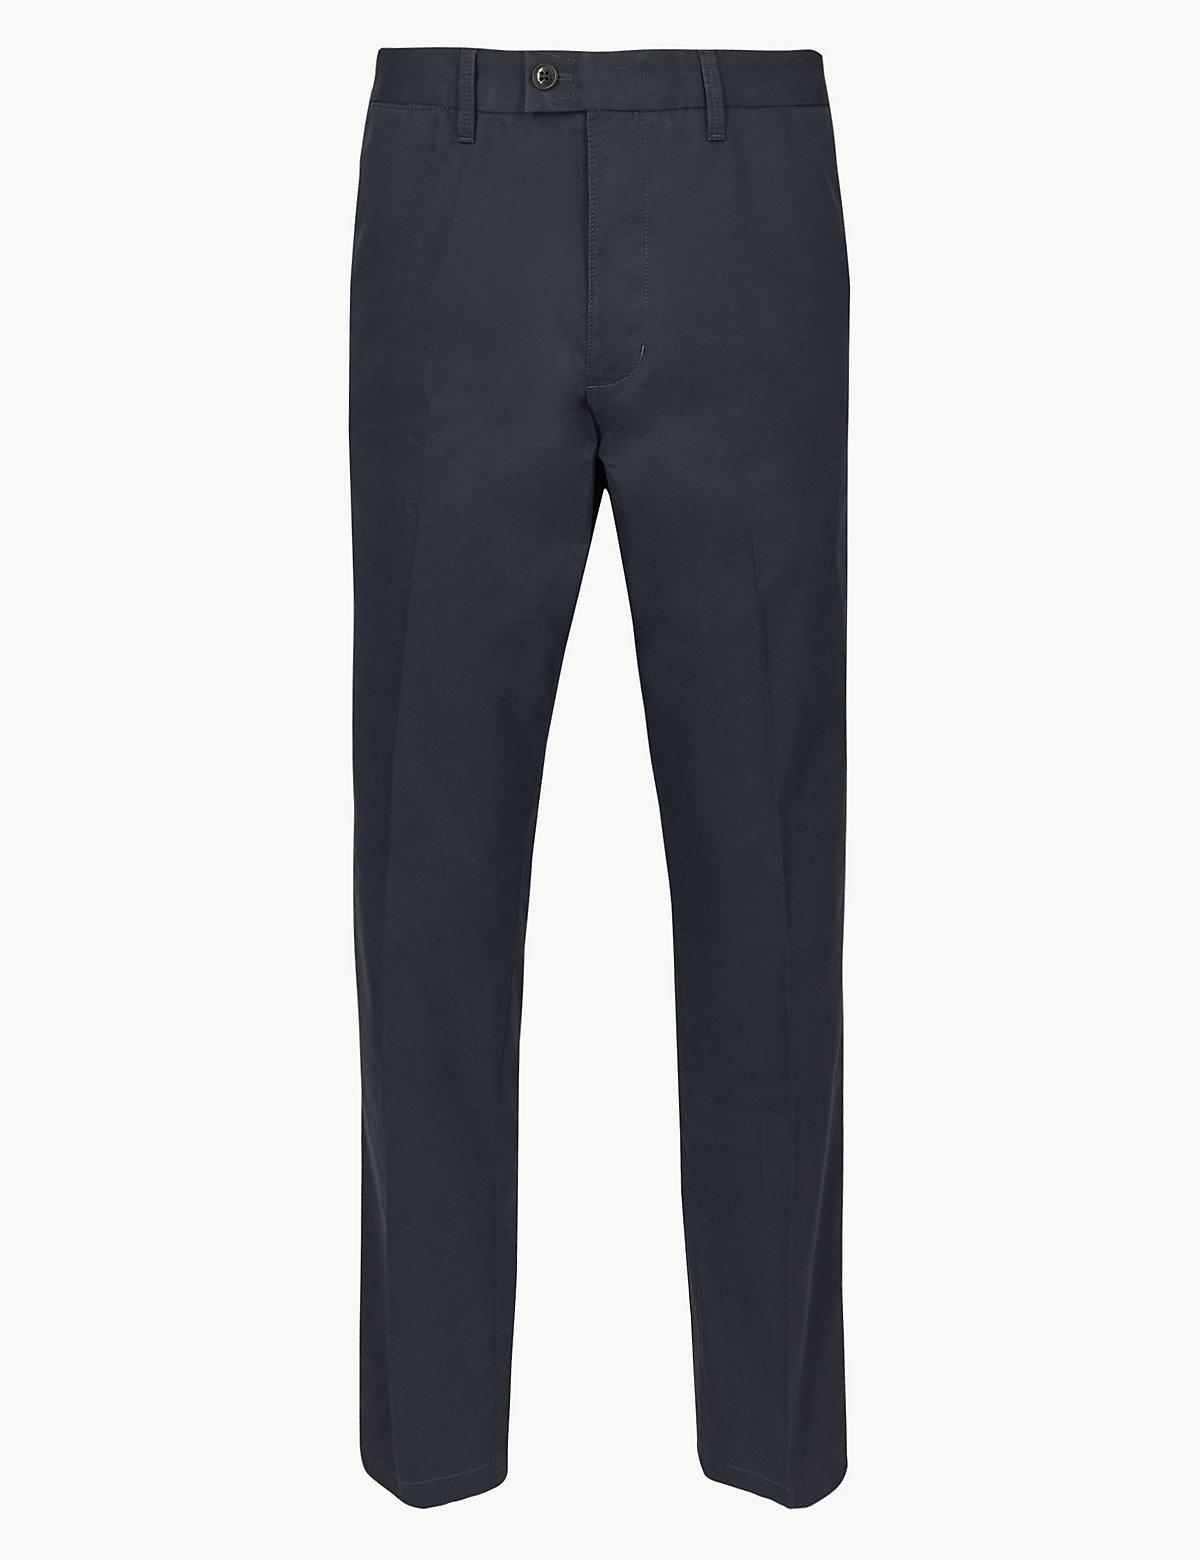 Мужские брюки чинос классического кроя Blue Harbour. Цвет: темно-синий